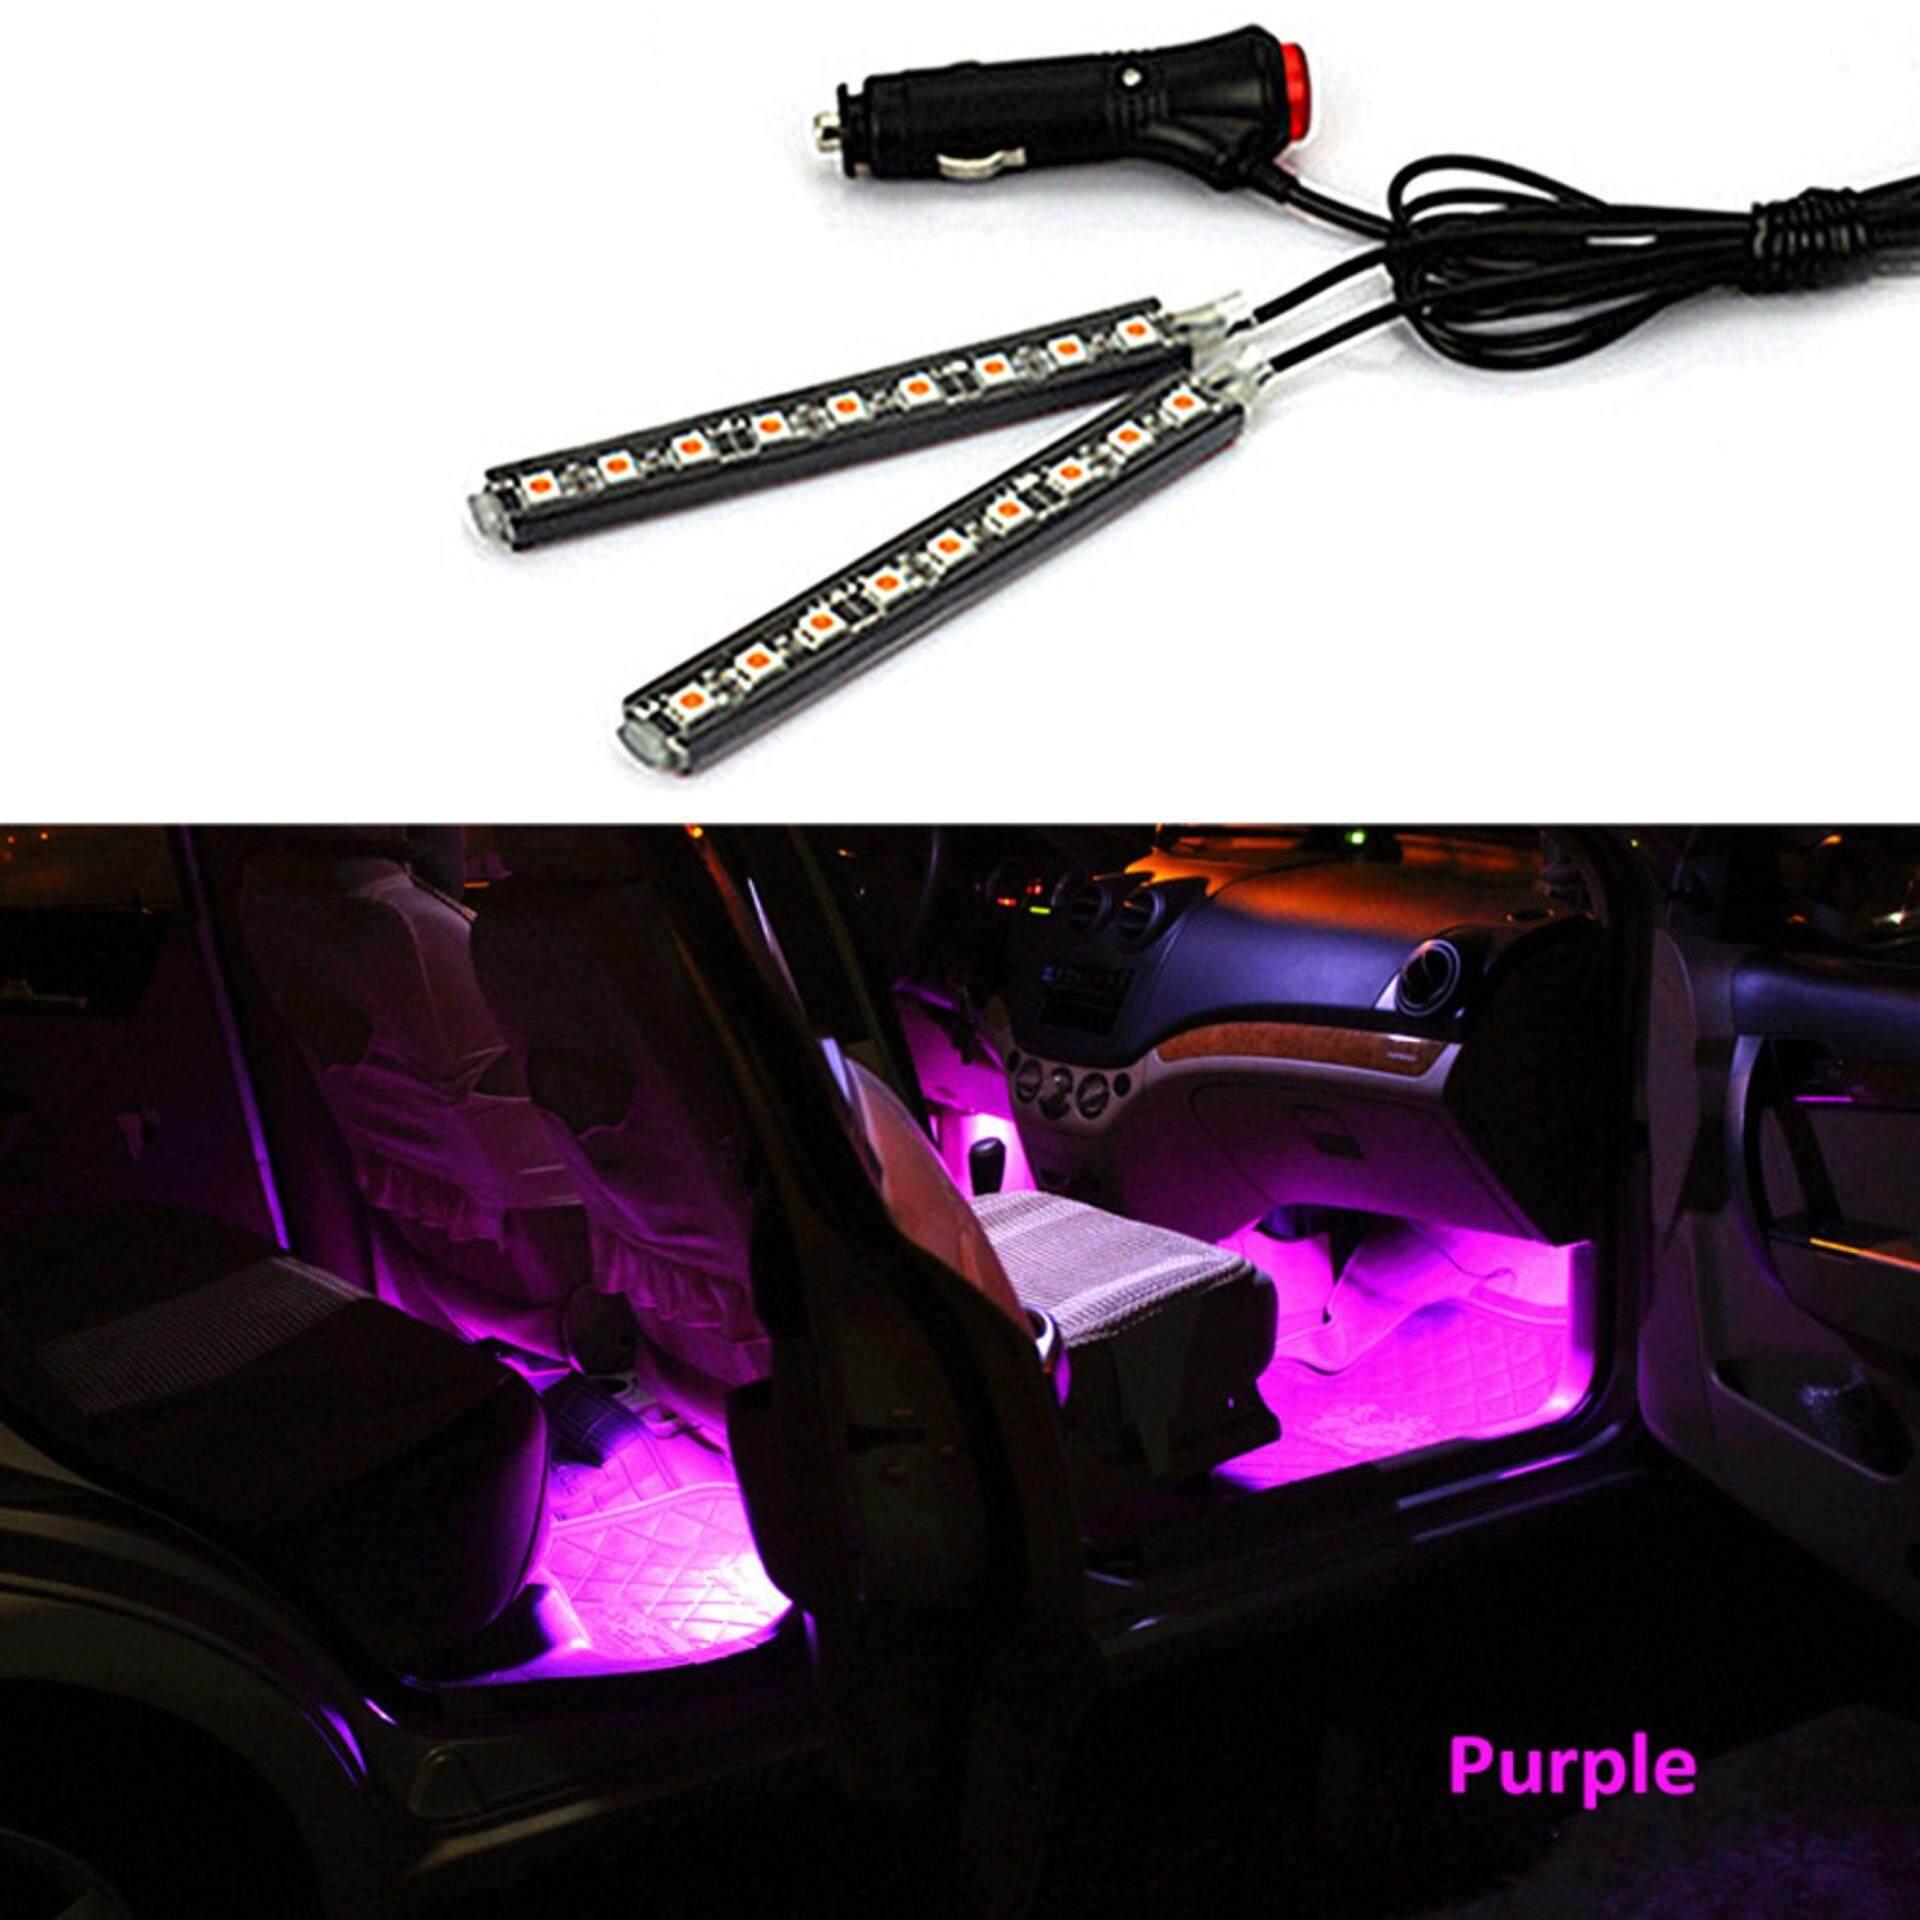 ... Putih Kubah Mobil Pembaca Peta LED Lampu Interior untuk Audi A3/S3 (8 P) 2006-2011 CANBUS. IDR 97,000 IDR97000. View Detail. Mobil Styling 2 Pcs Ungu ...